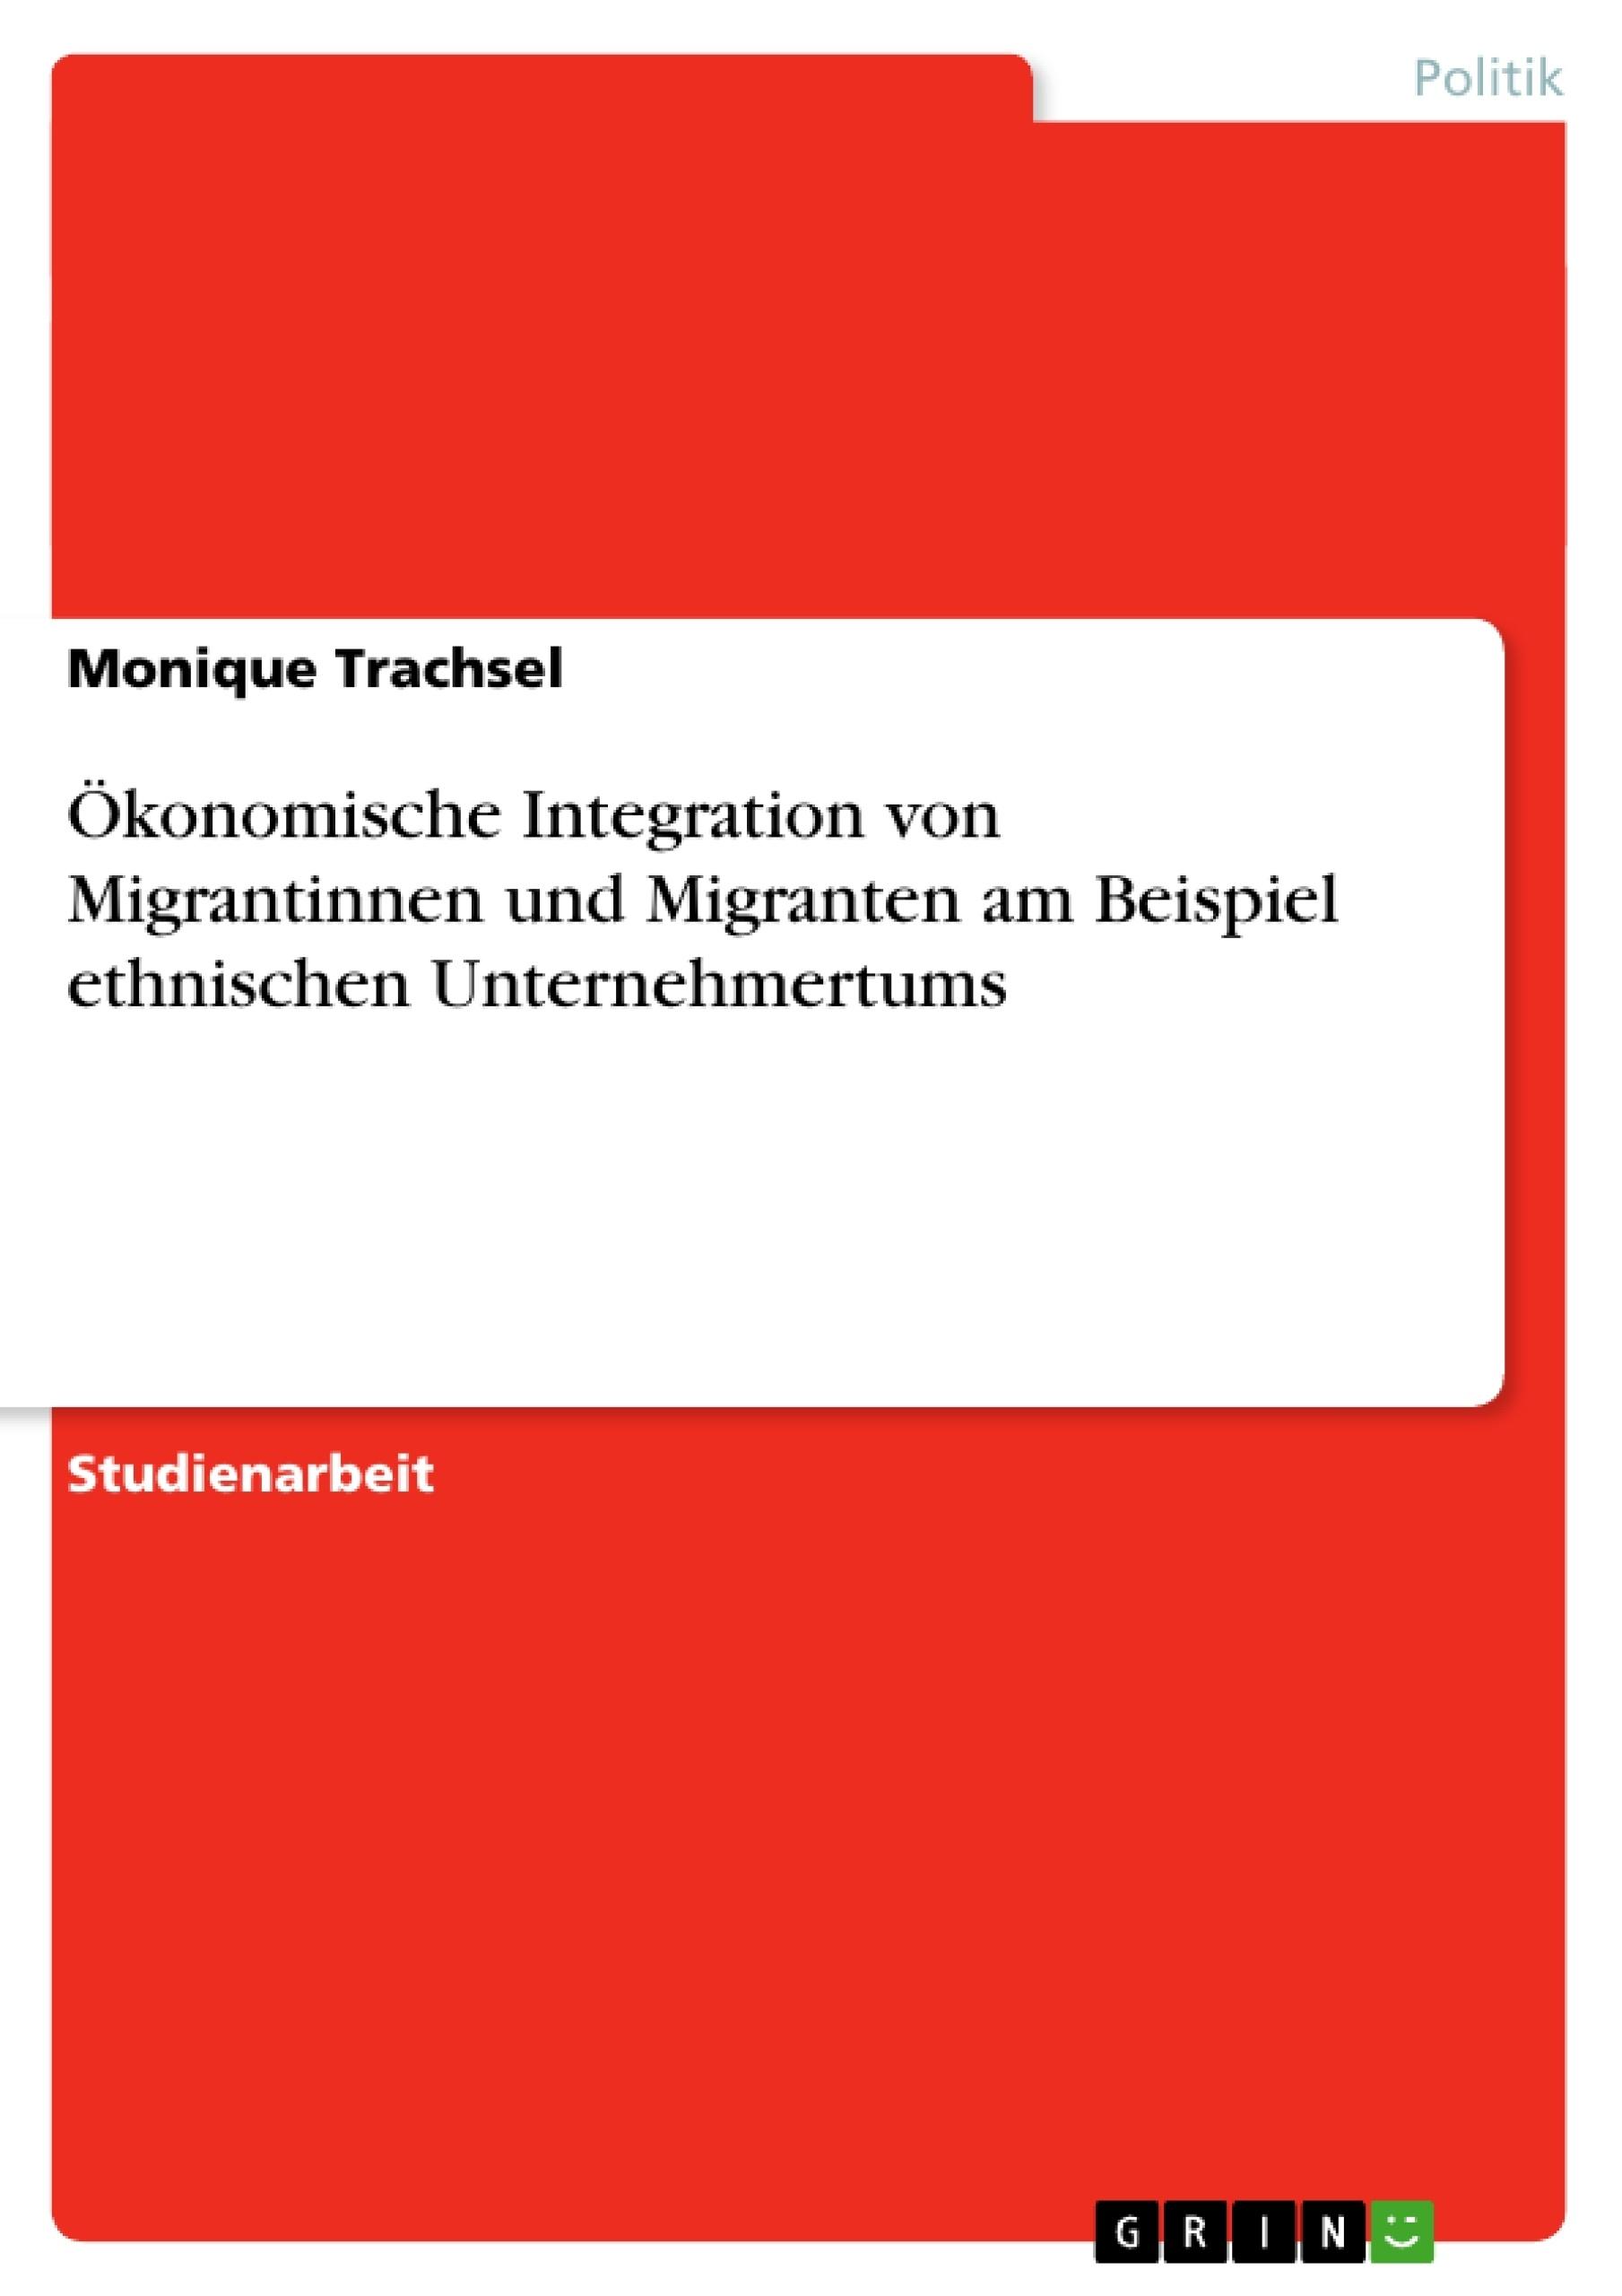 Titel: Ökonomische Integration von Migrantinnen und Migranten am  Beispiel ethnischen Unternehmertums